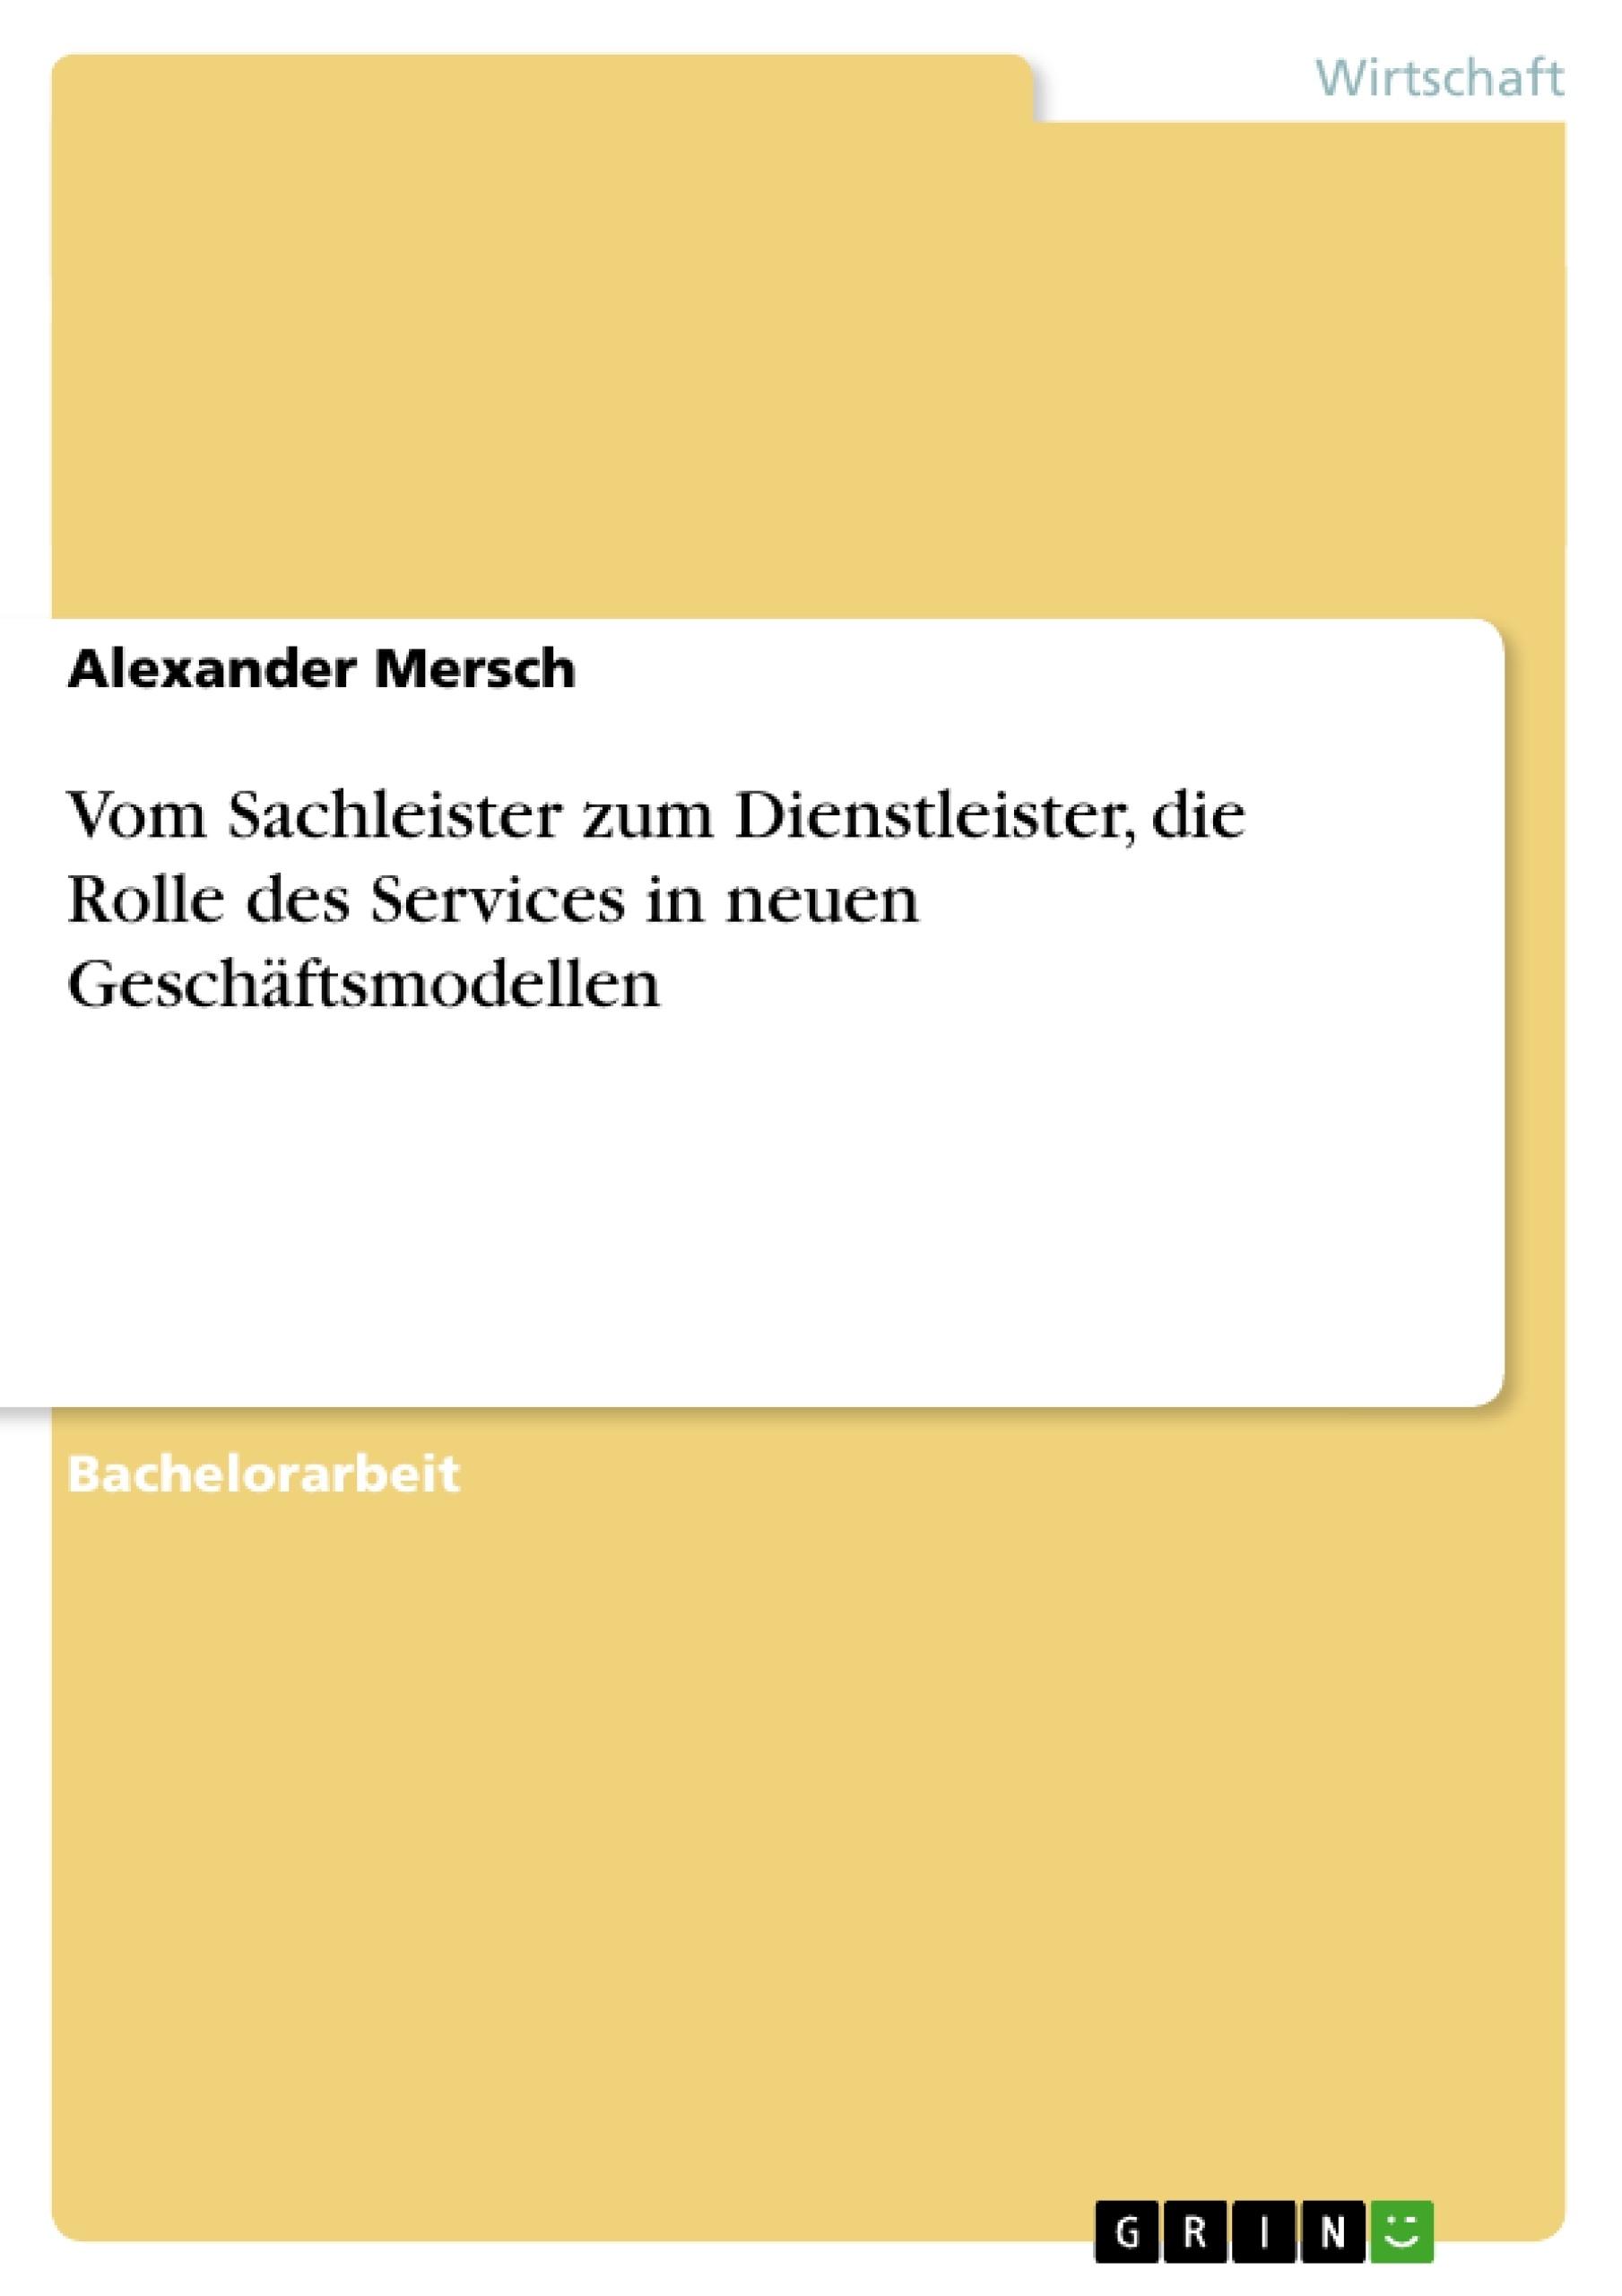 Titel: Vom Sachleister zum Dienstleister, die Rolle des Services in neuen Geschäftsmodellen